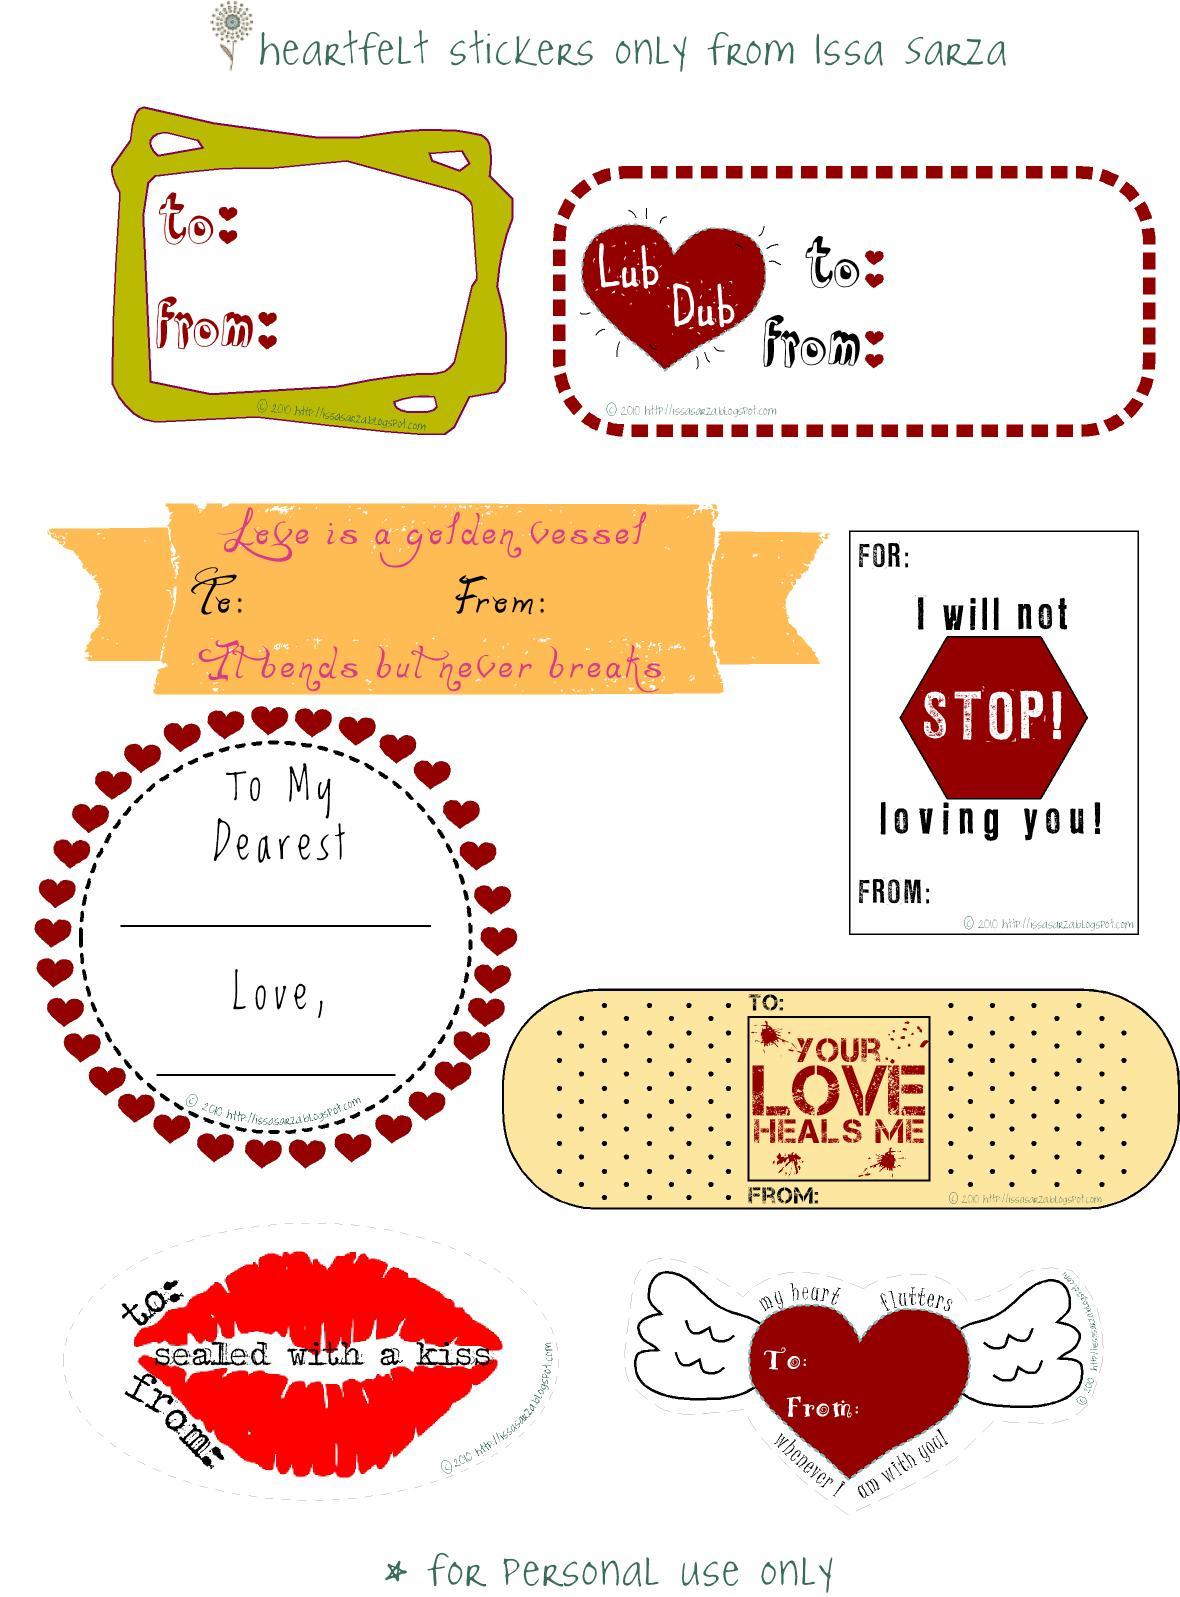 Descargar Imagenes De Sanvalentin - tarjeta del día de San Valentín Descargar Fotos gratis